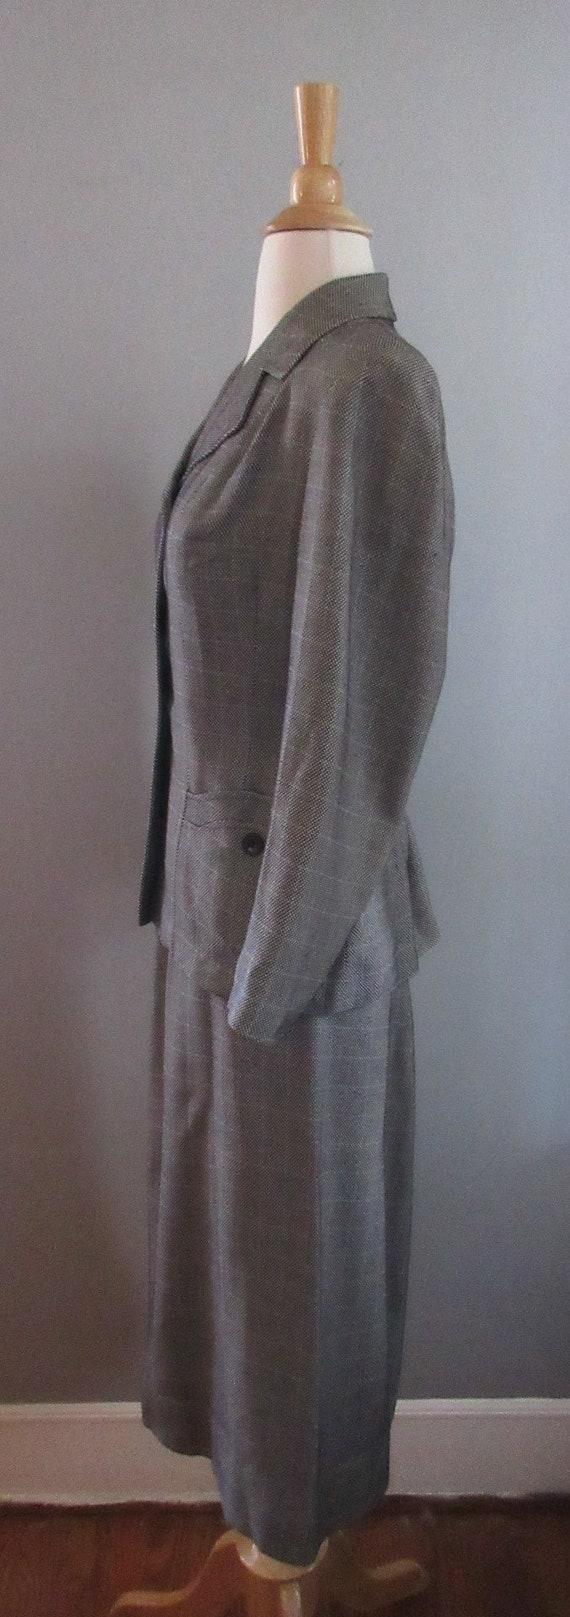 40s Joselli Plaid Skirt Suit - image 3